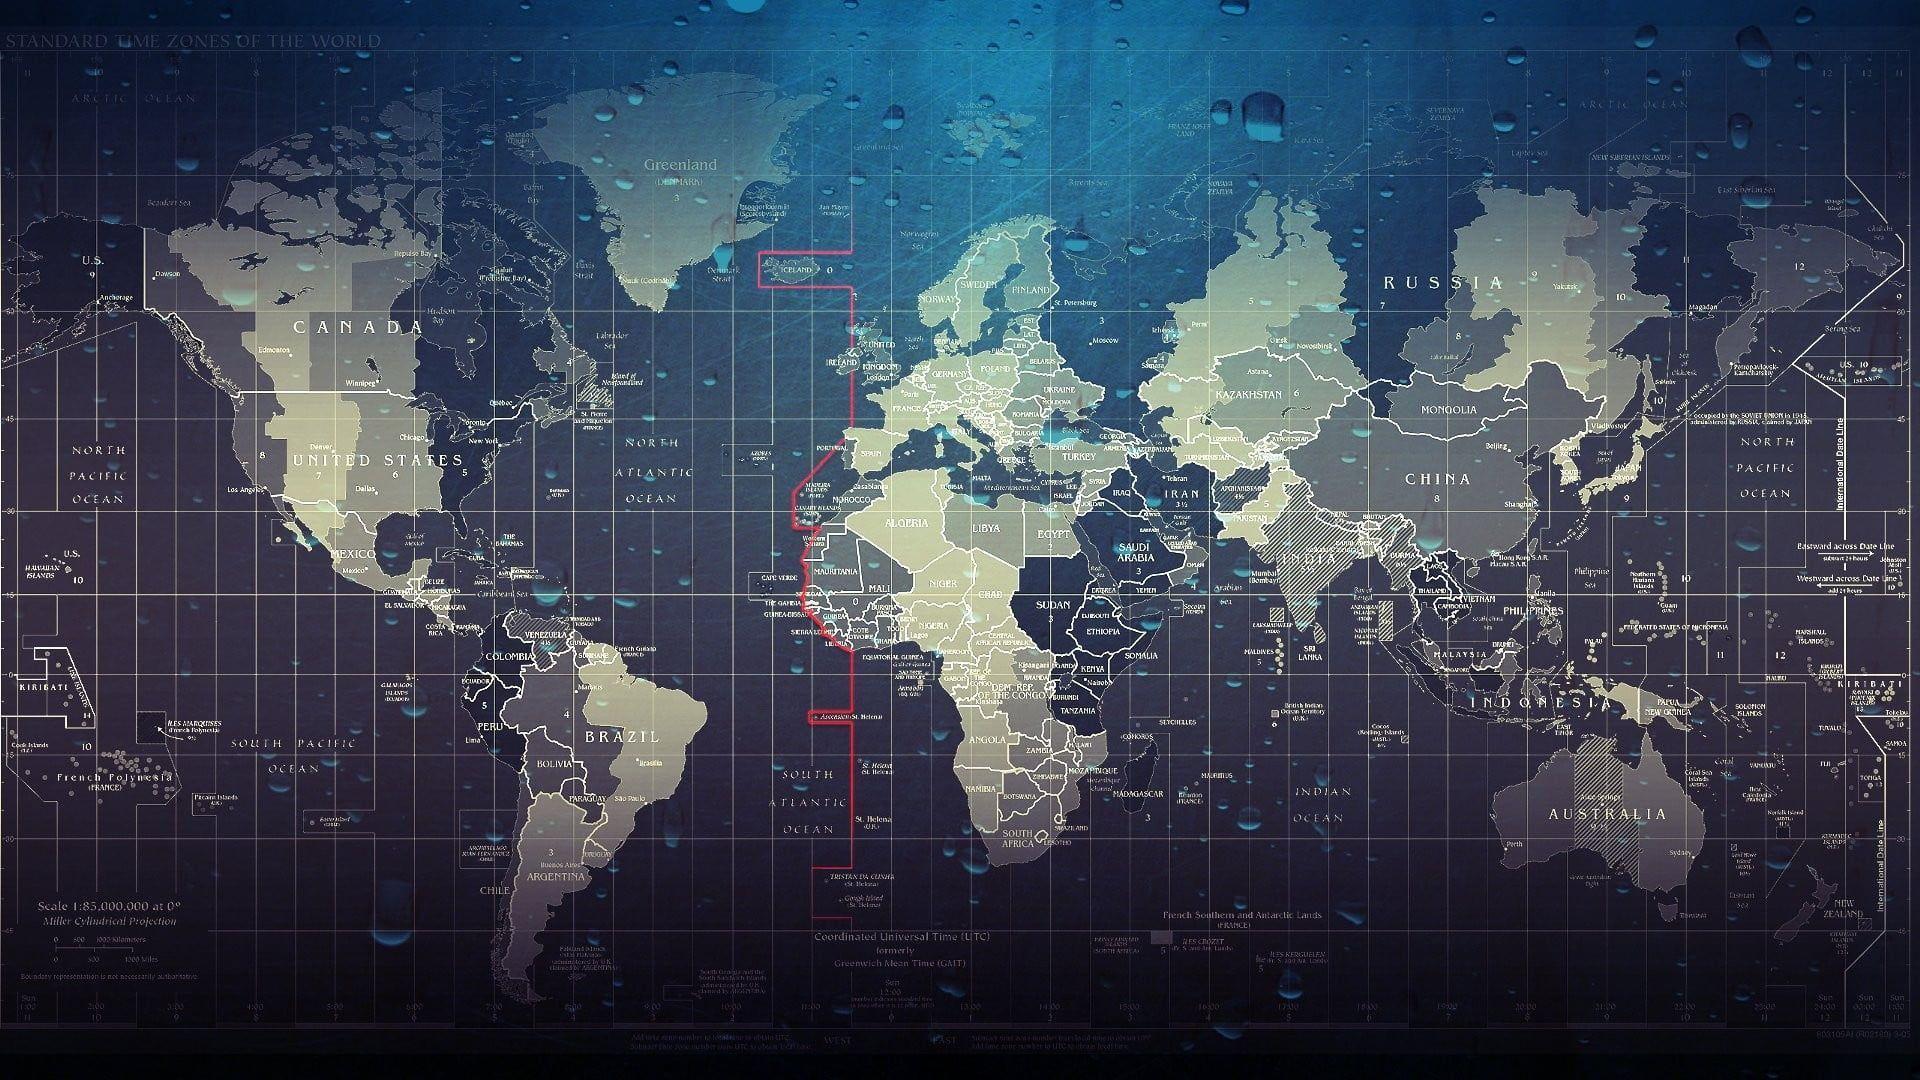 Hình minh họa bản đồ thế giới 1920x1080 # tác phẩm # bản đồ giọt nước thế giới nghệ thuật kỹ thuật số